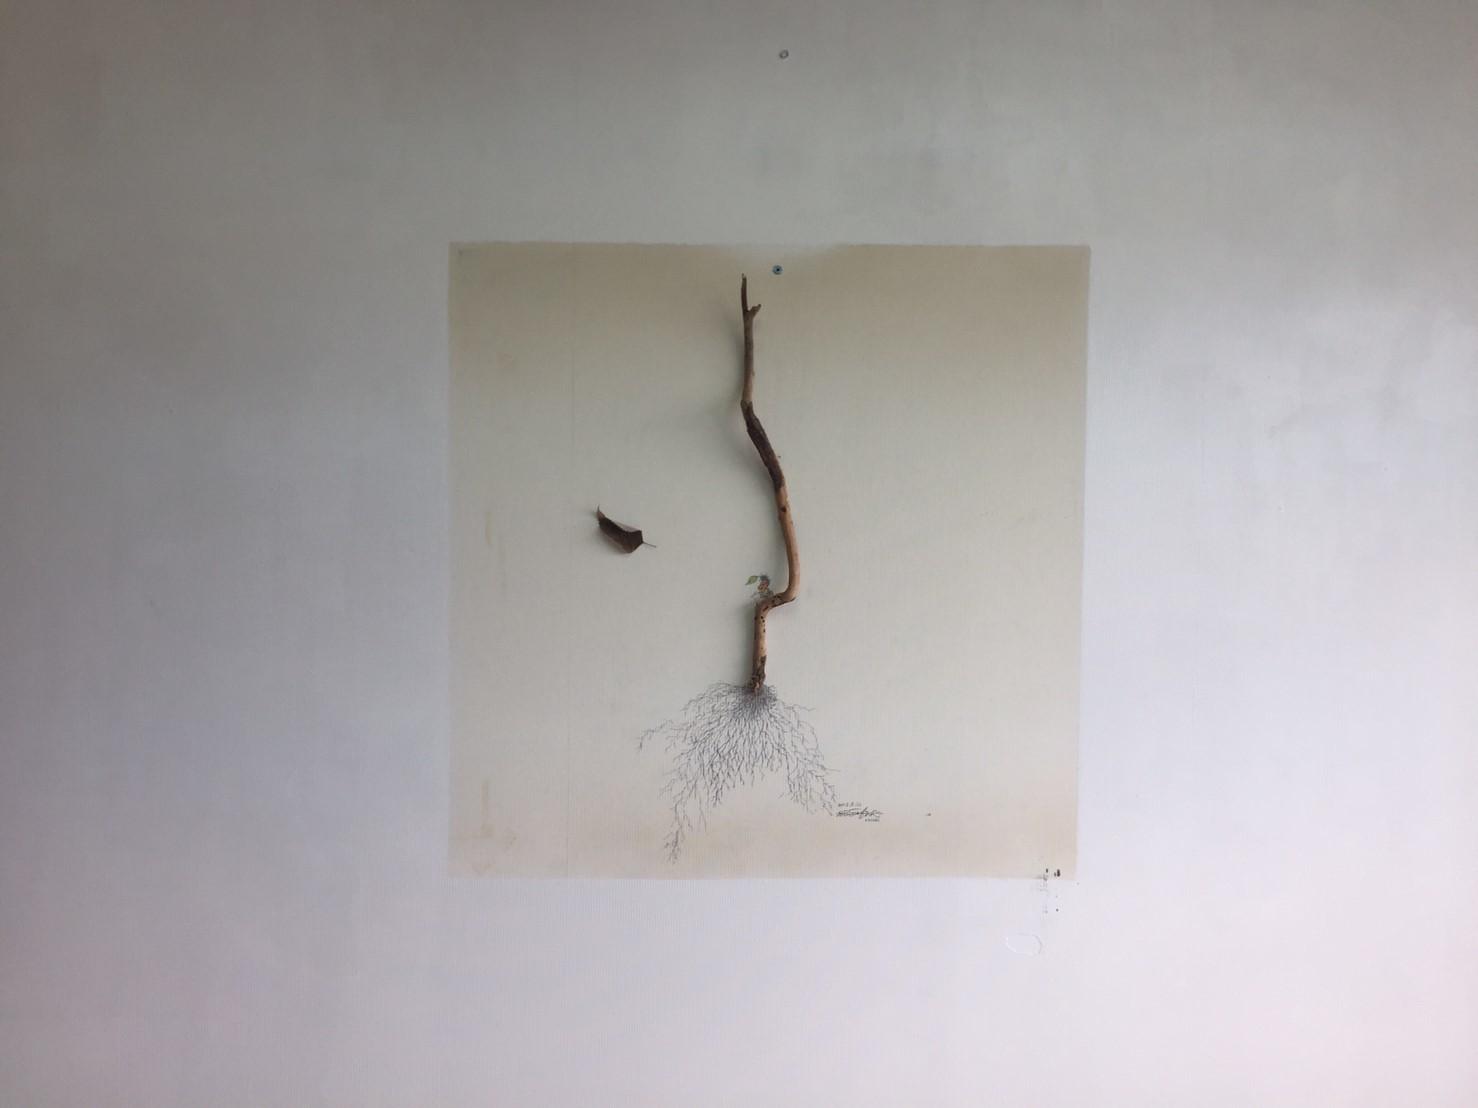 岩美現代美術展 2019_e0115904_01391766.jpg